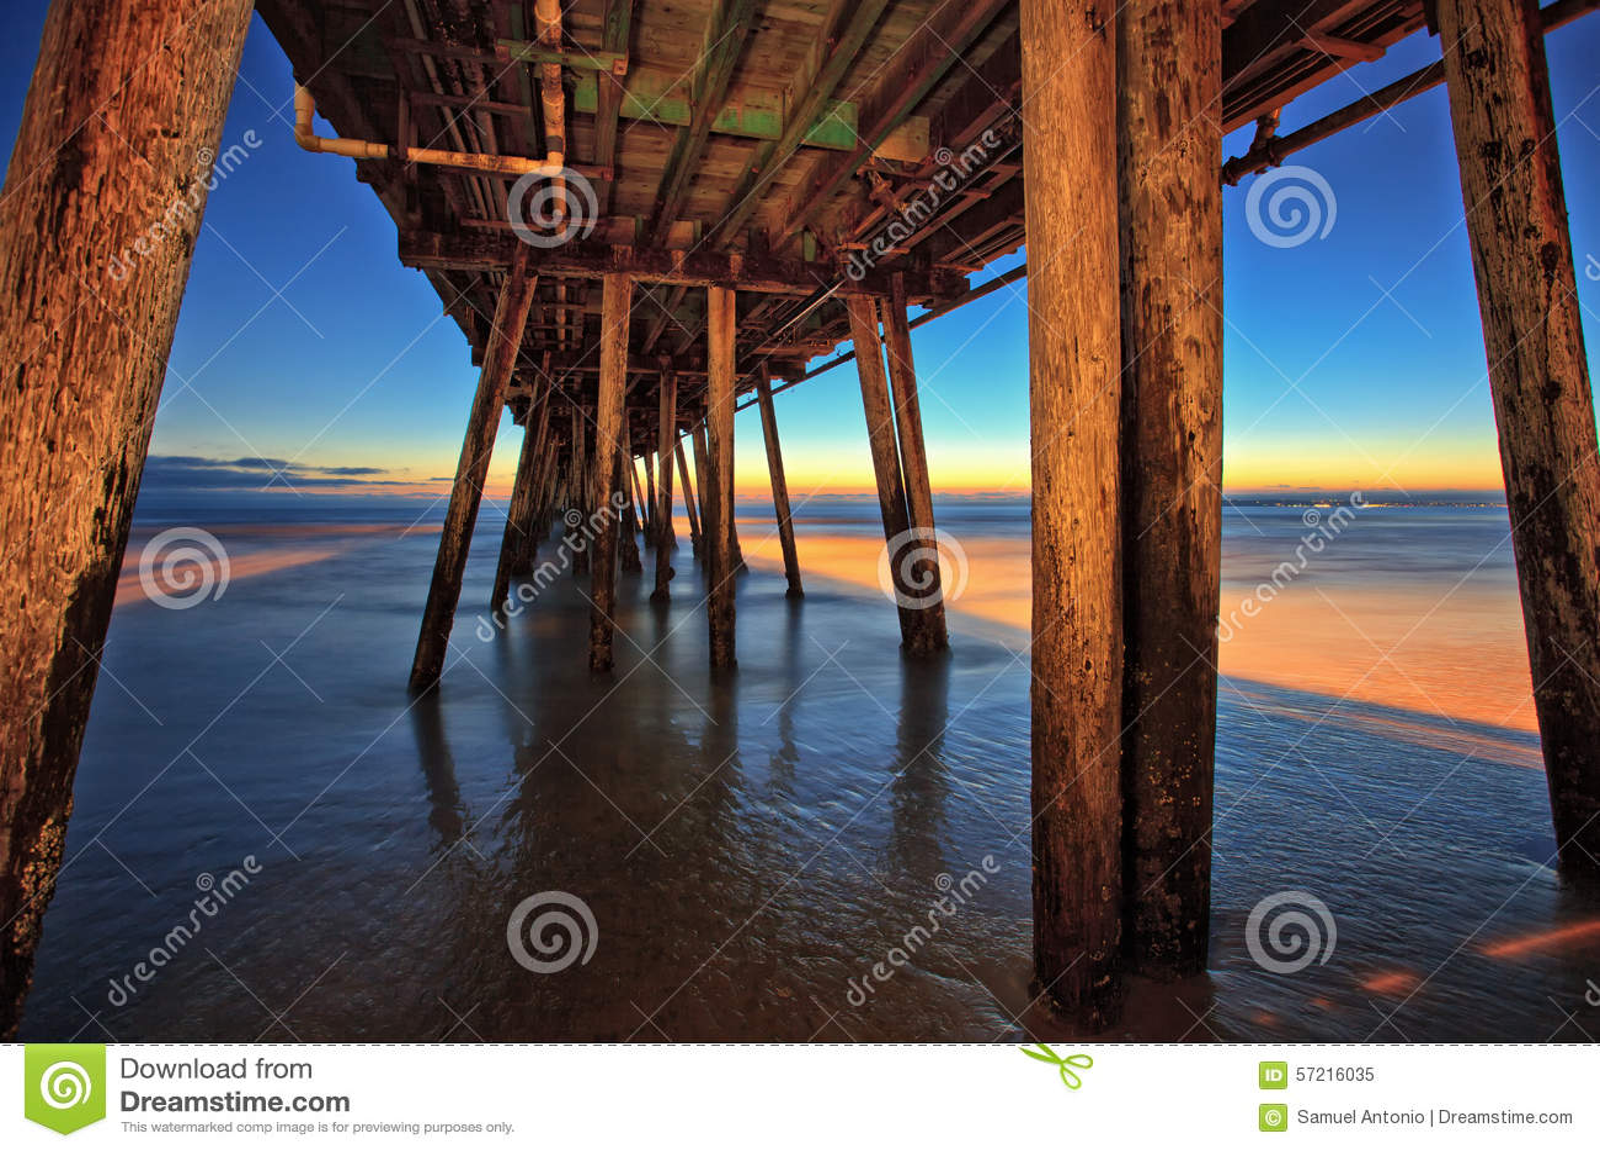 Sob o cais de madeira da praia no por do sol, praia imperial, Califórnia